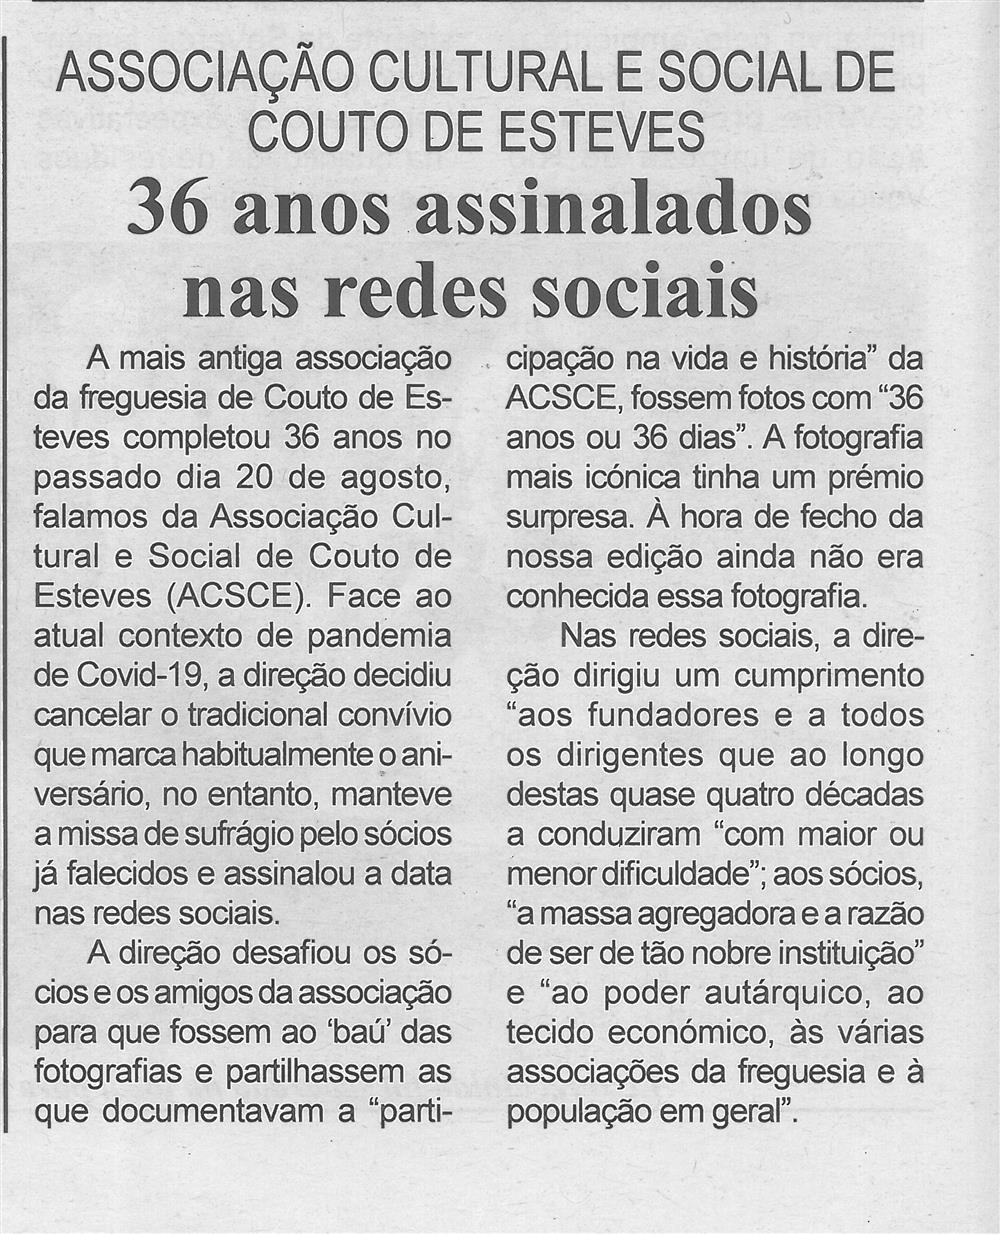 BV-2.ªset.'20-p.4-36 anos assinalados nas redes sociais : Associação Cultural e Social de Couto de Esteves.jpg